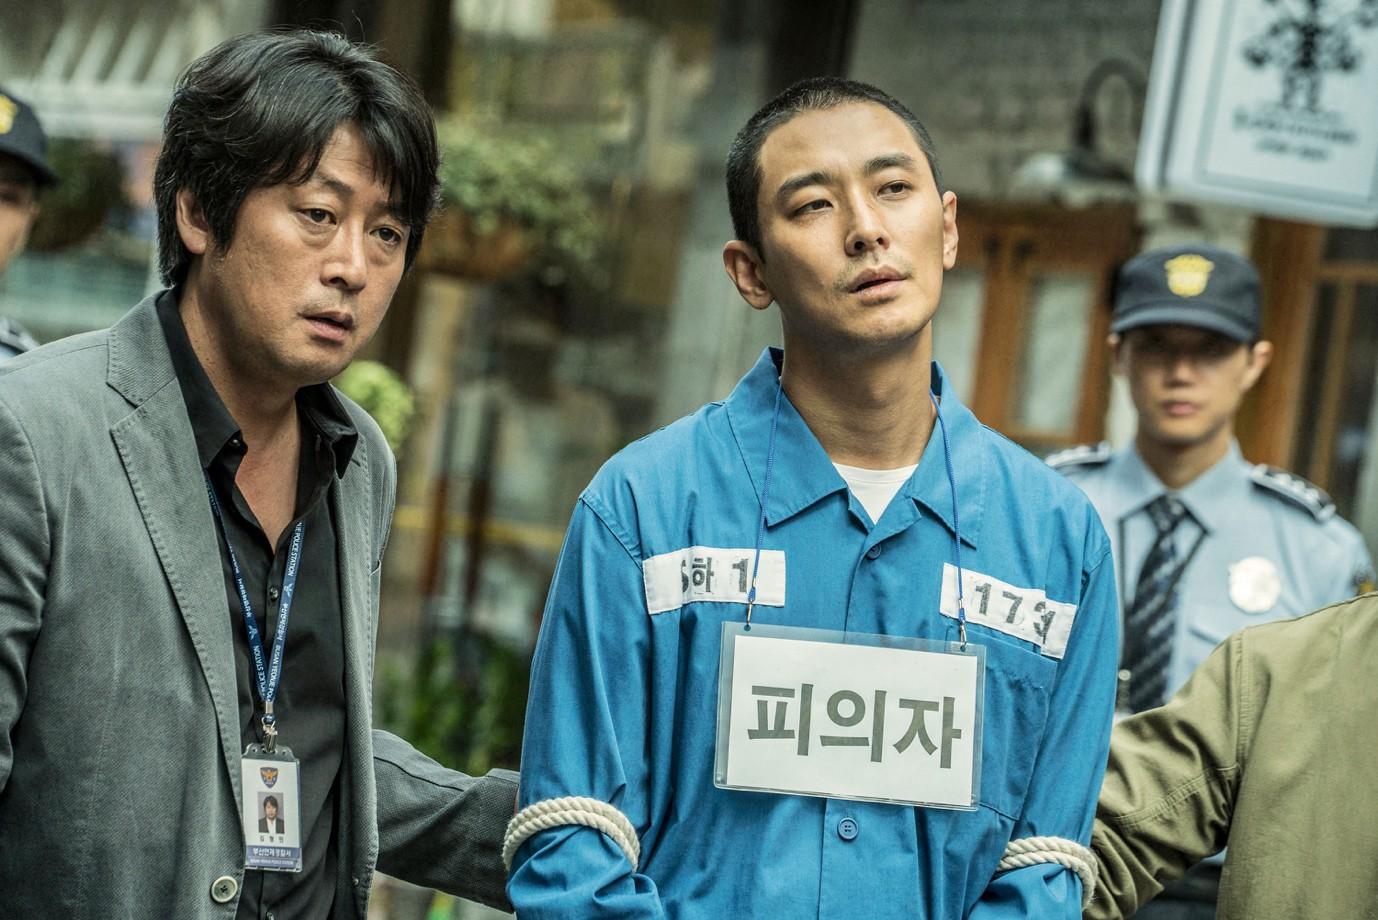 Chẳng riêng gì Hậu Duệ Mặt Trời bản Việt, 5 phim Hàn này cũng tái mặt vì làm ăn cẩu thả - Ảnh 3.